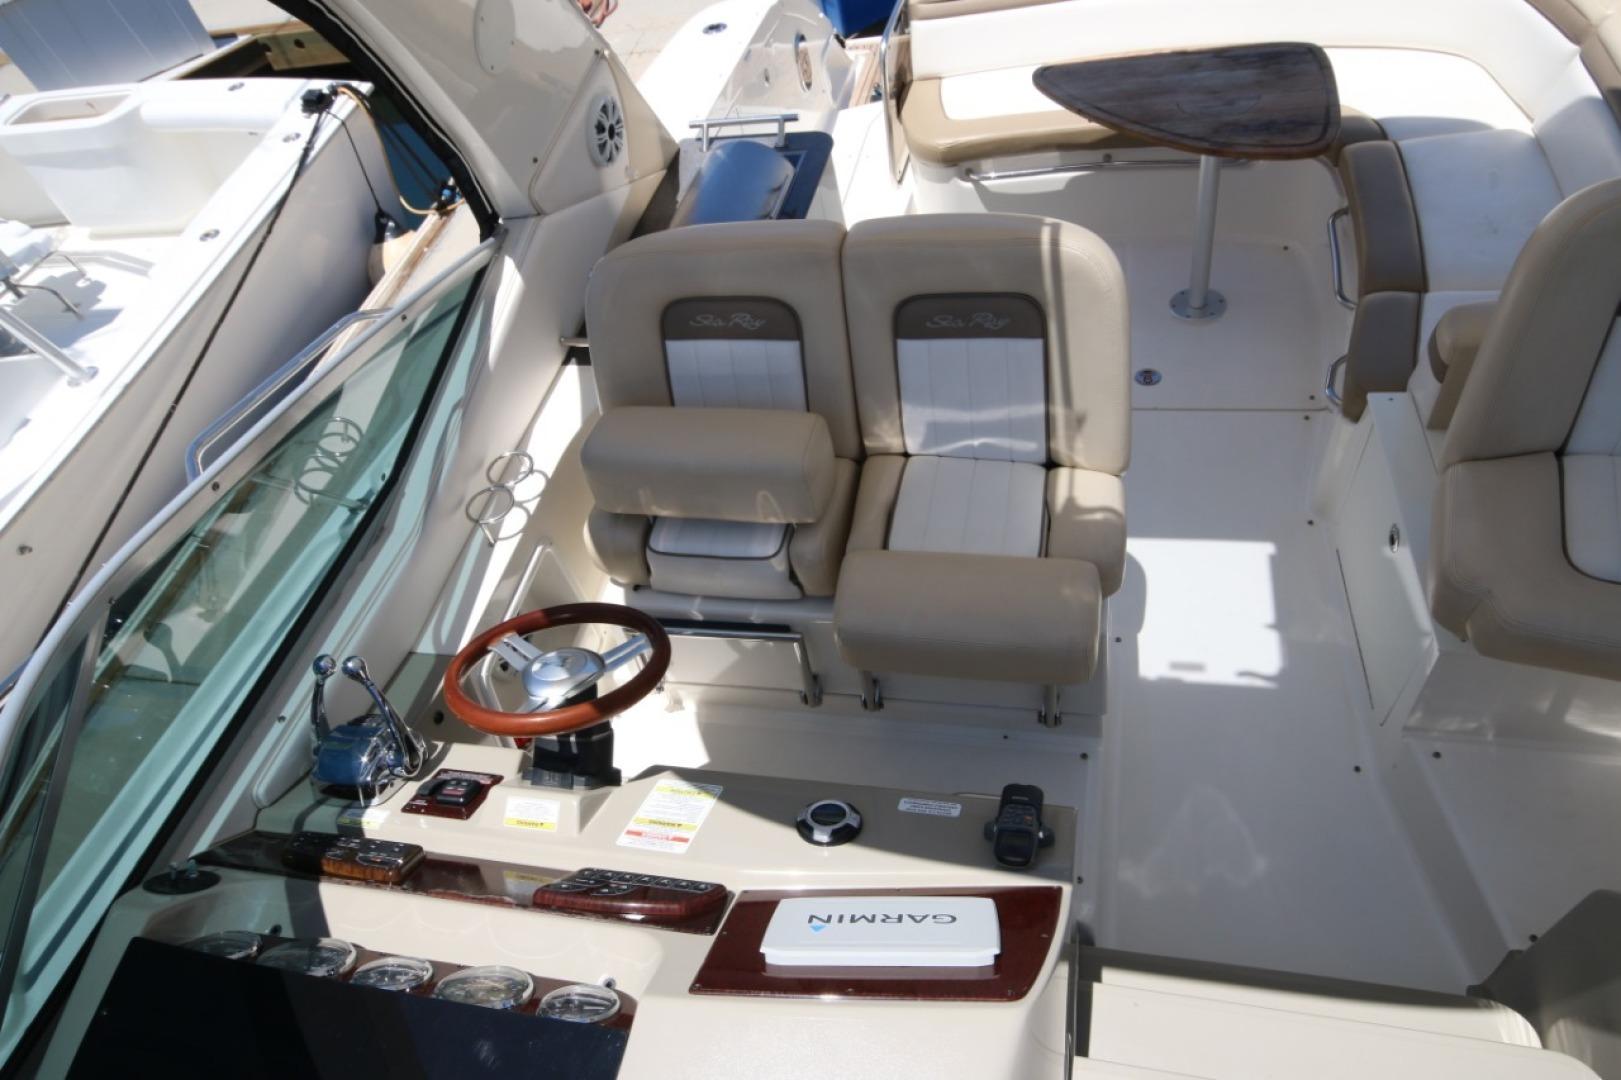 Sea Ray-370 Sun Dancer 2012-Mer Sea Cabo San Lucas-Mexico-2012 Sea Ray 370 Sun Dancer -1469060 | Thumbnail